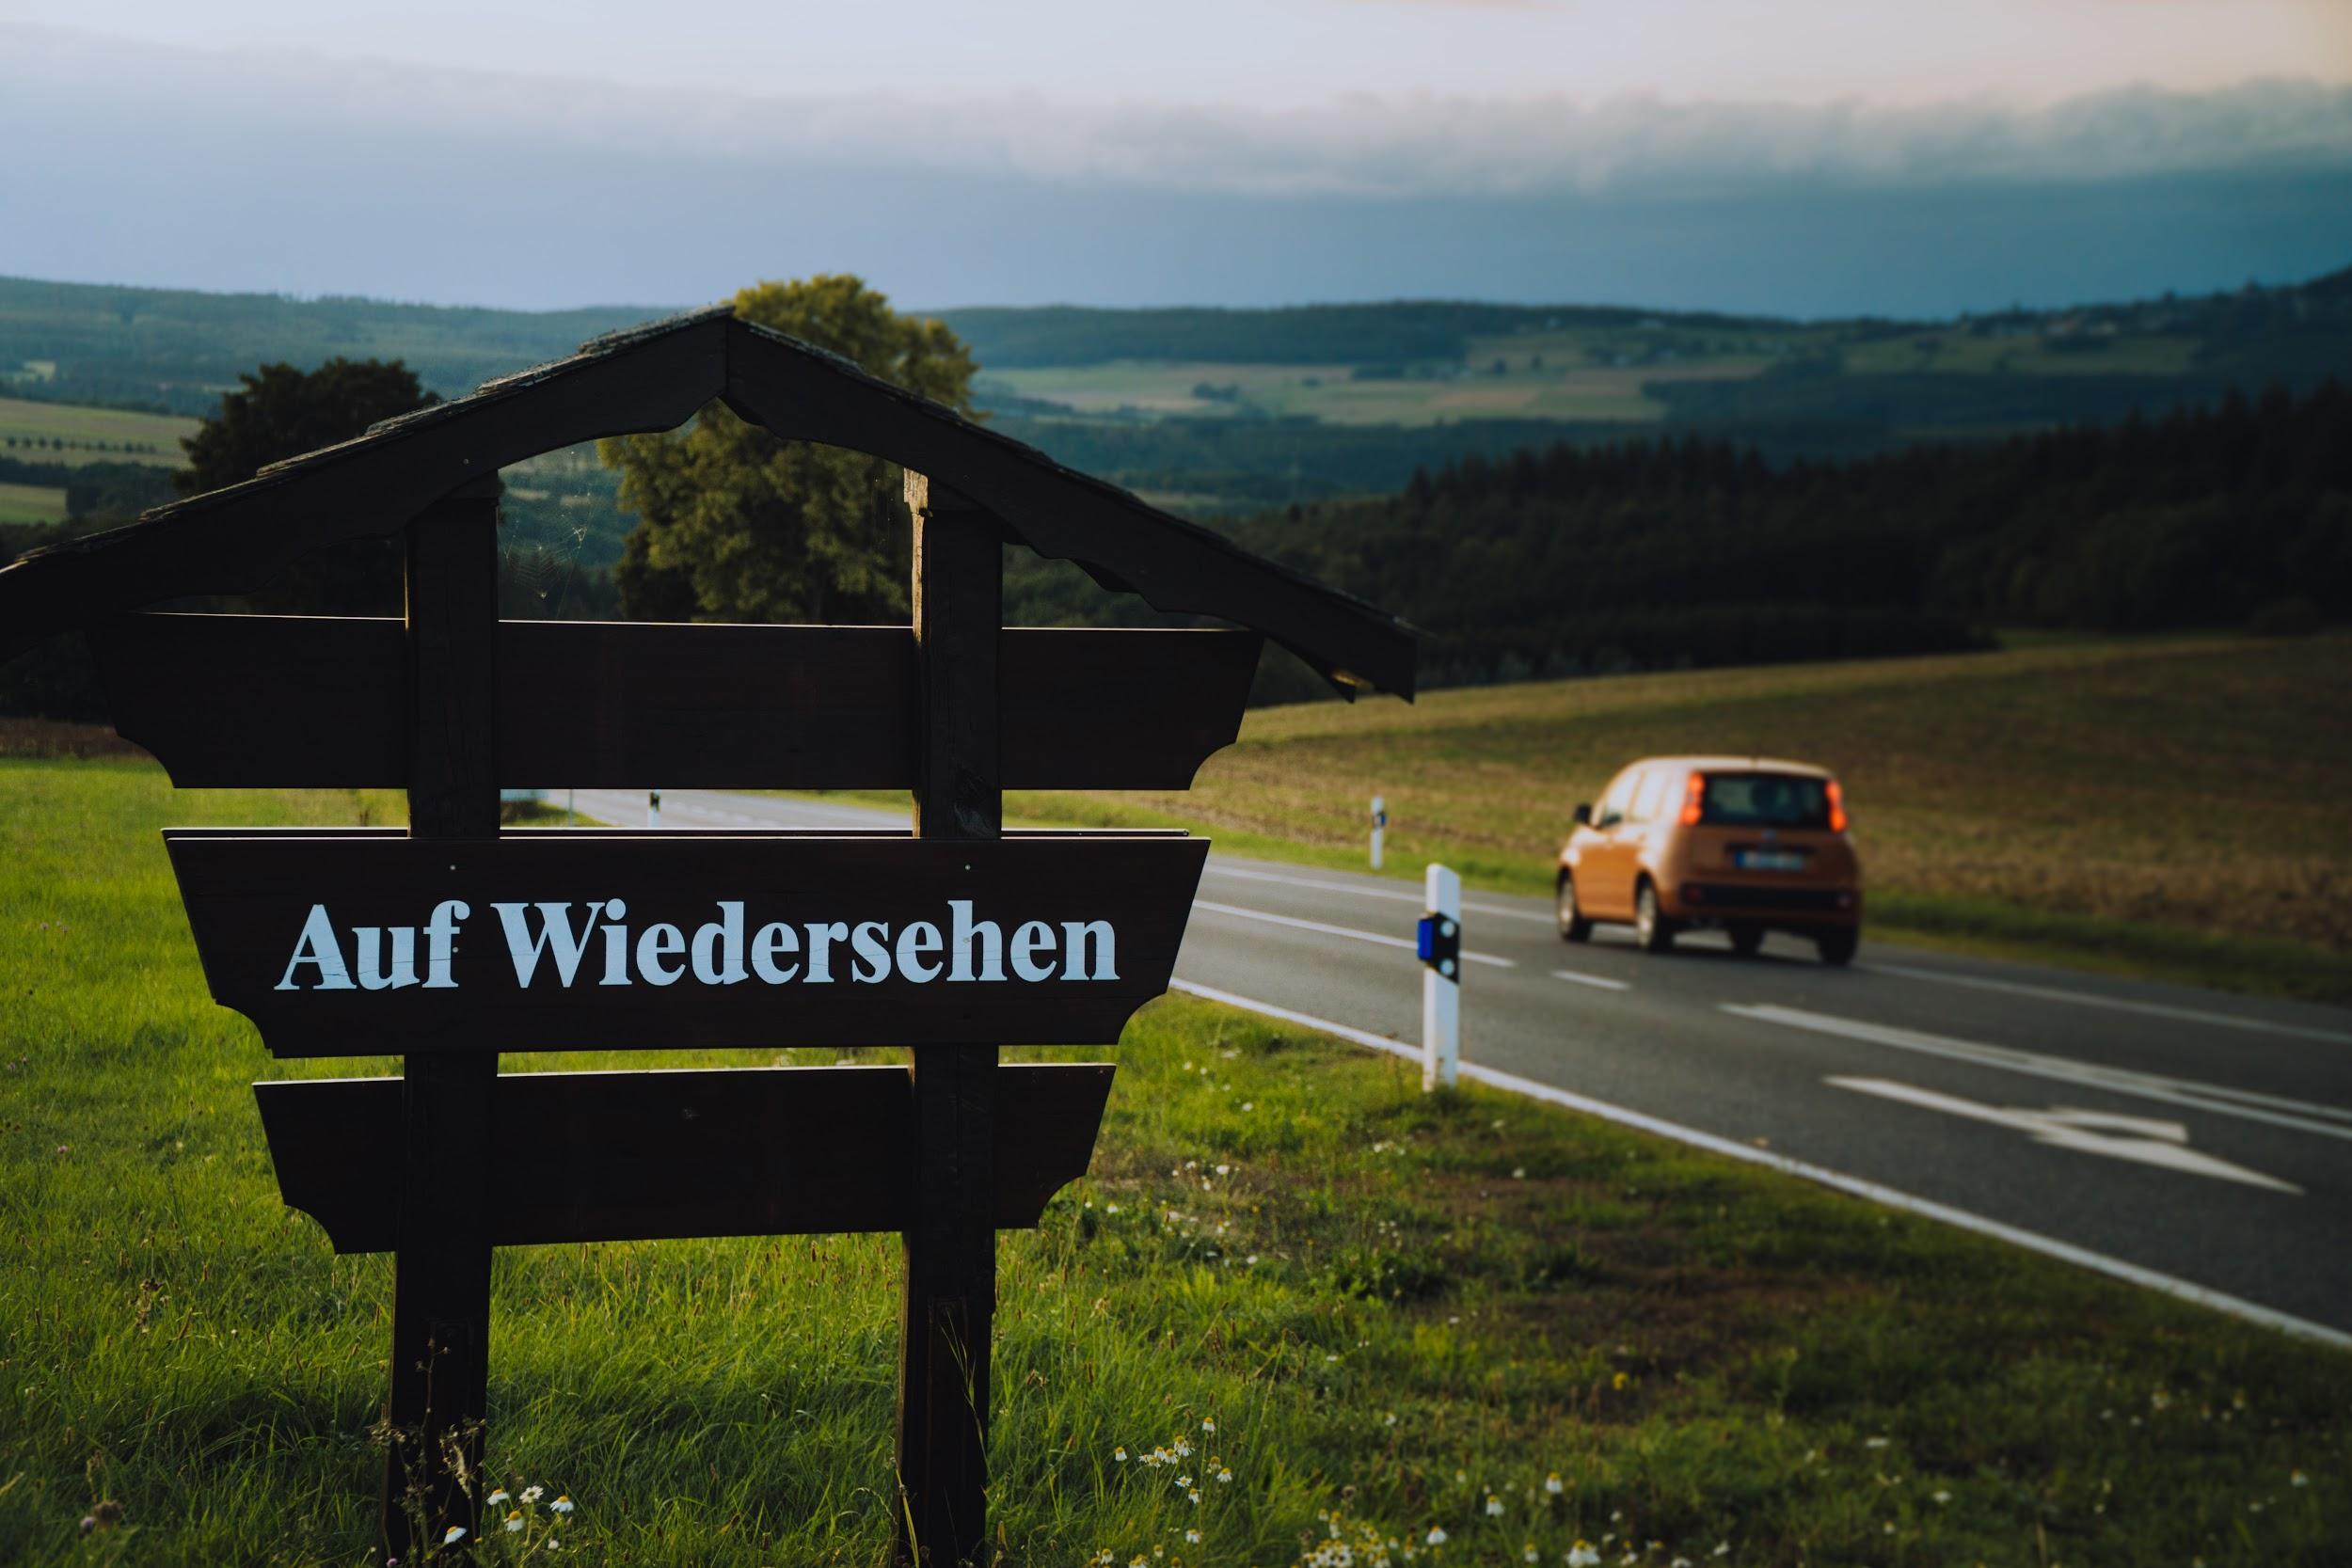 """""""Auf wiedersehen"""" (""""Goodbye"""" in German) on a roadside sign"""